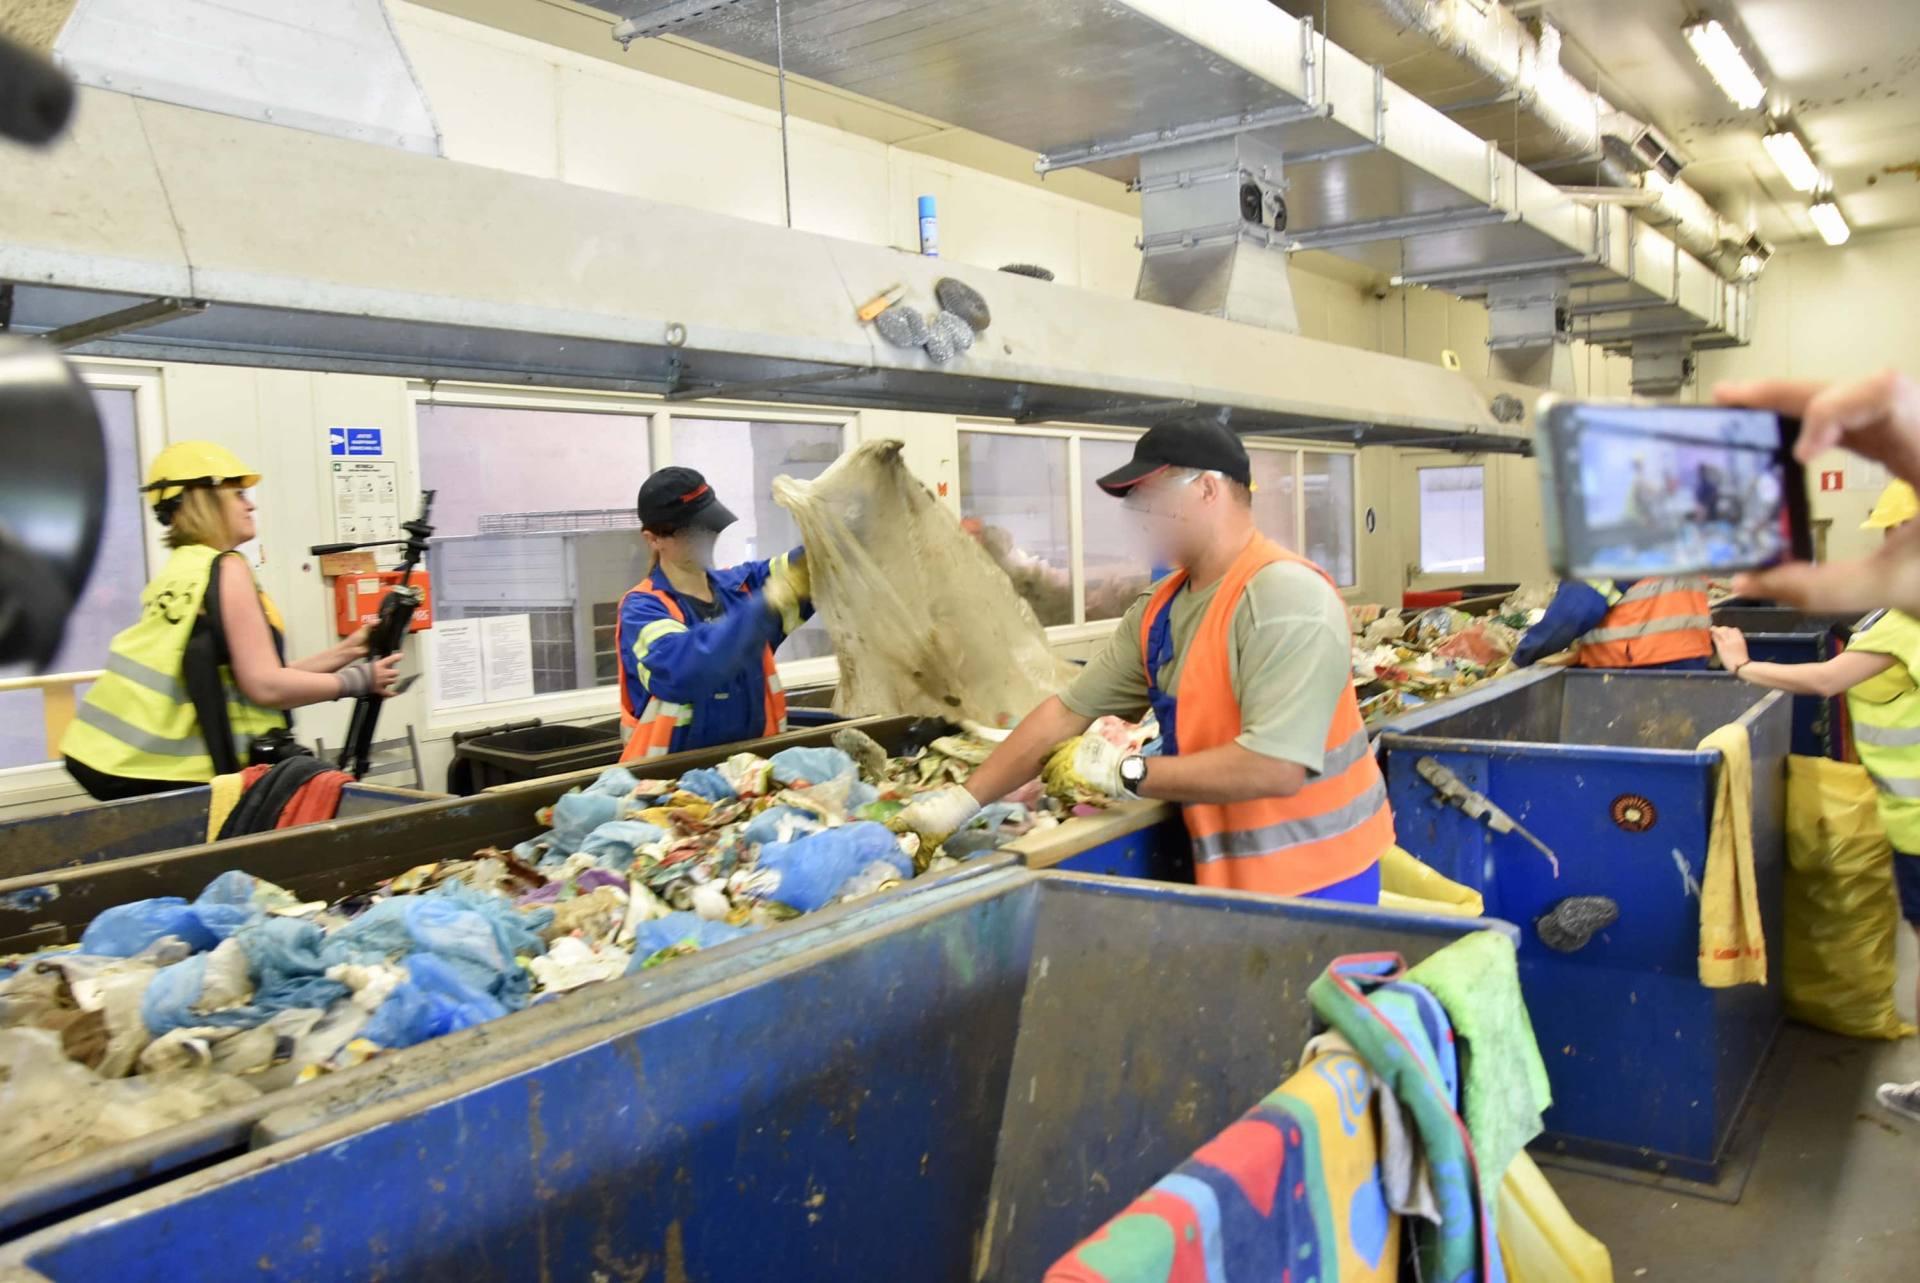 dsc 7941 Konferencja prasowa dotycząca gospodarki odpadami [WIDEO]